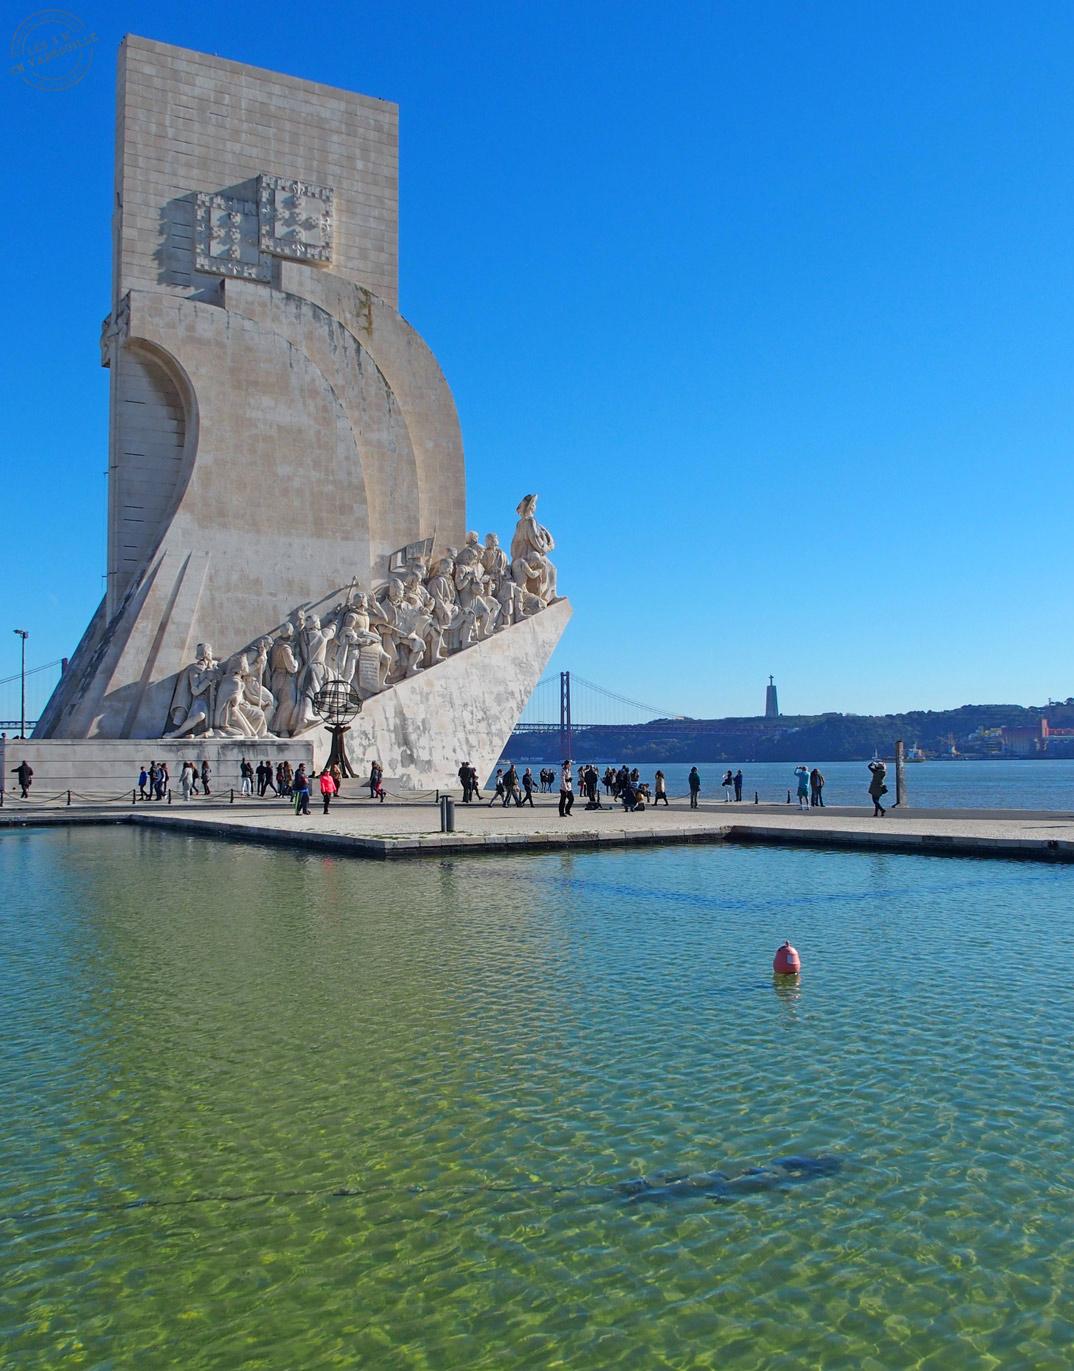 monument des decouvertes